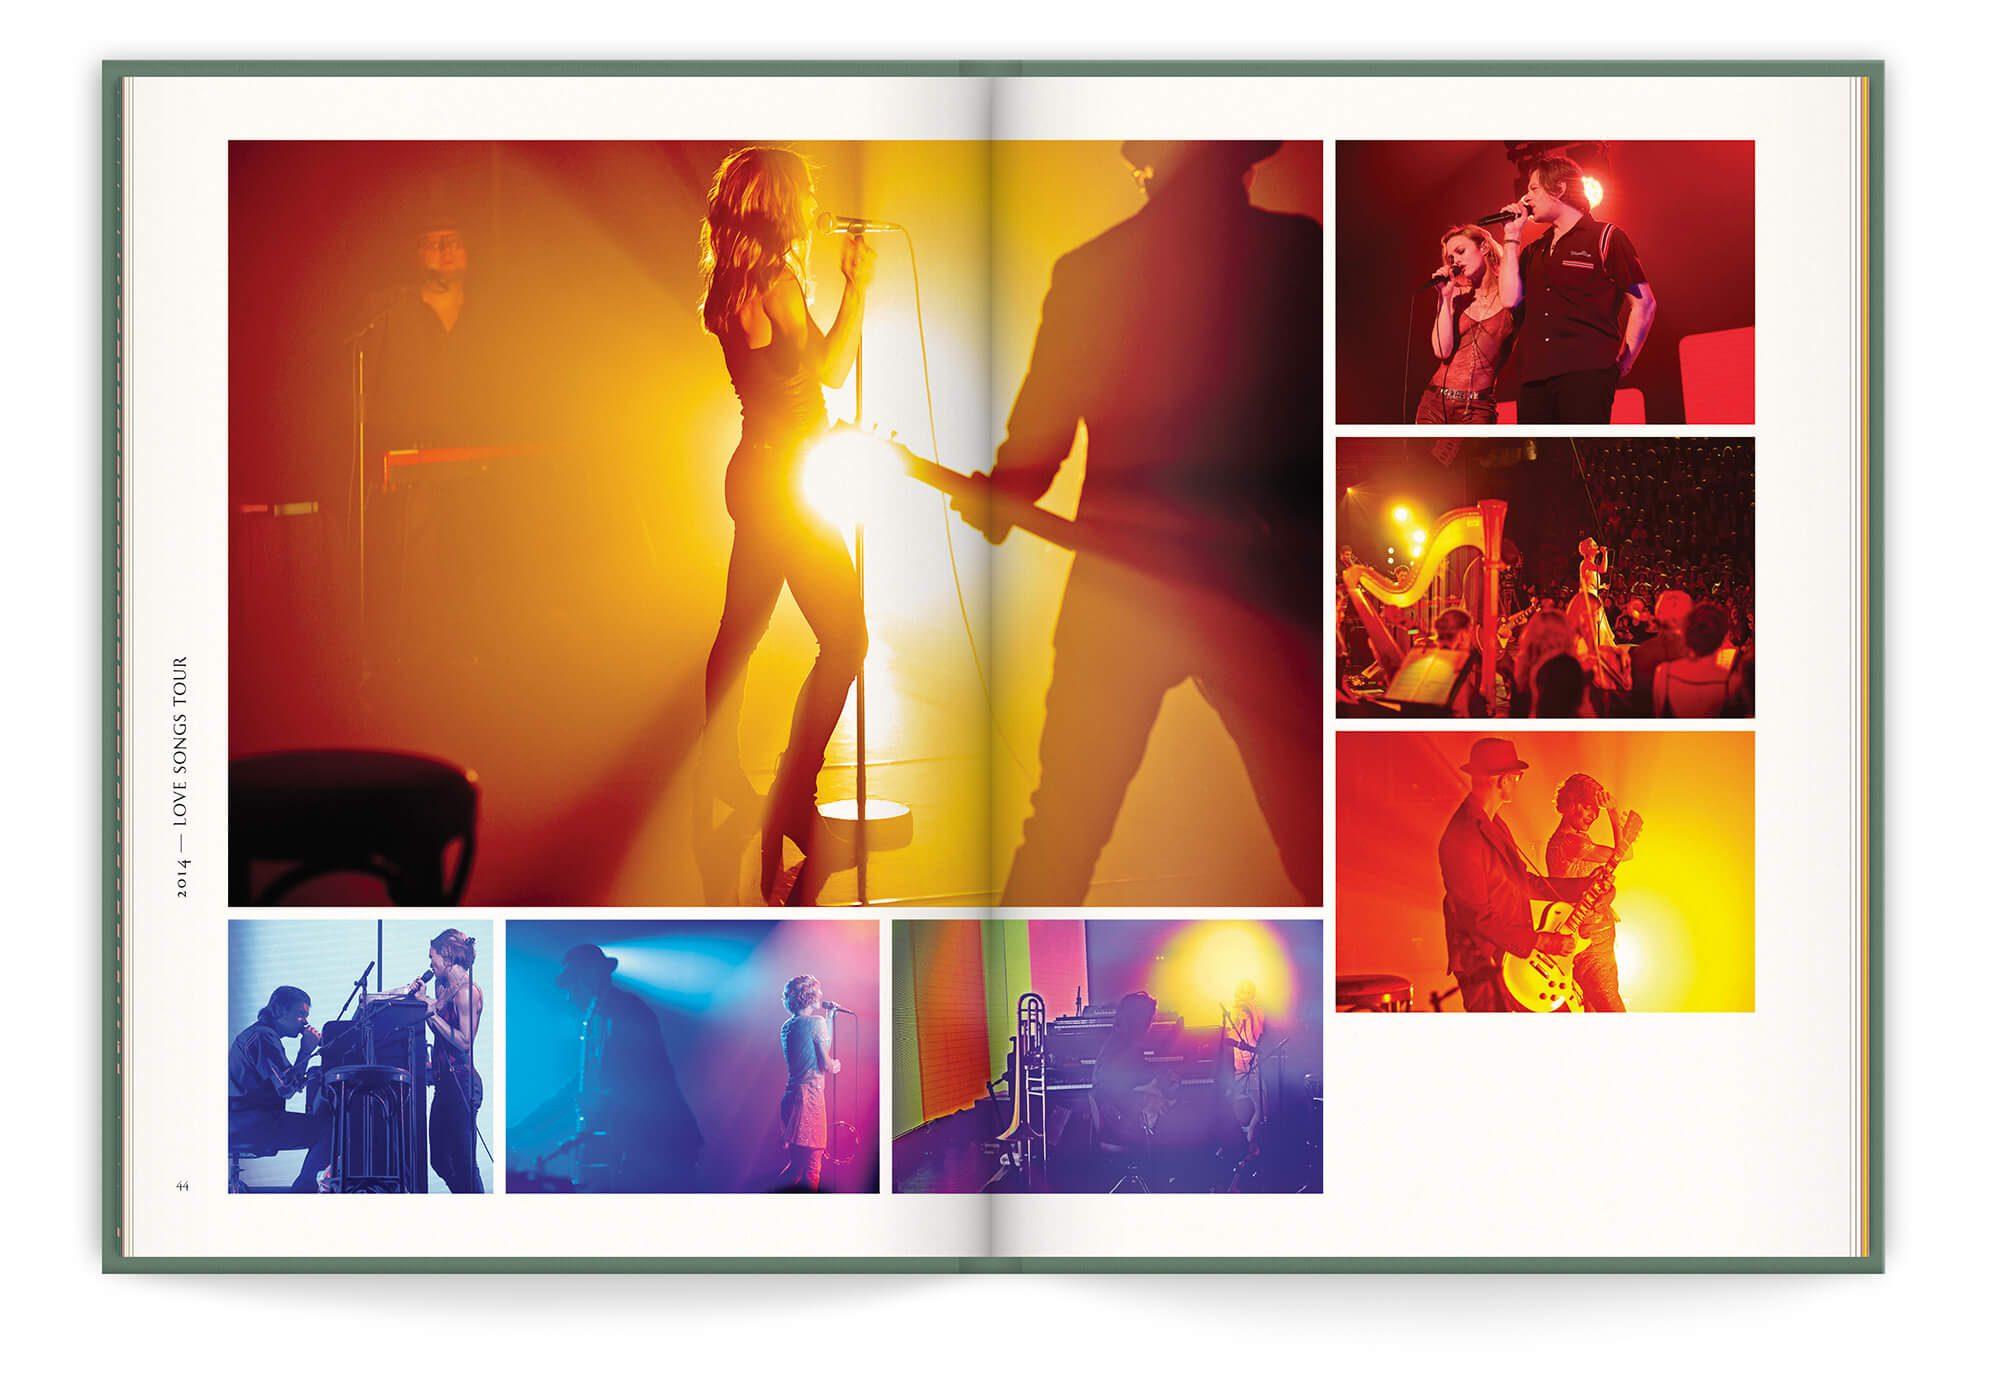 Double page du livre disque de Vanessa Paradis, photo de concert pour le tournée Love Song en 2014, design et mise en page IchetKar